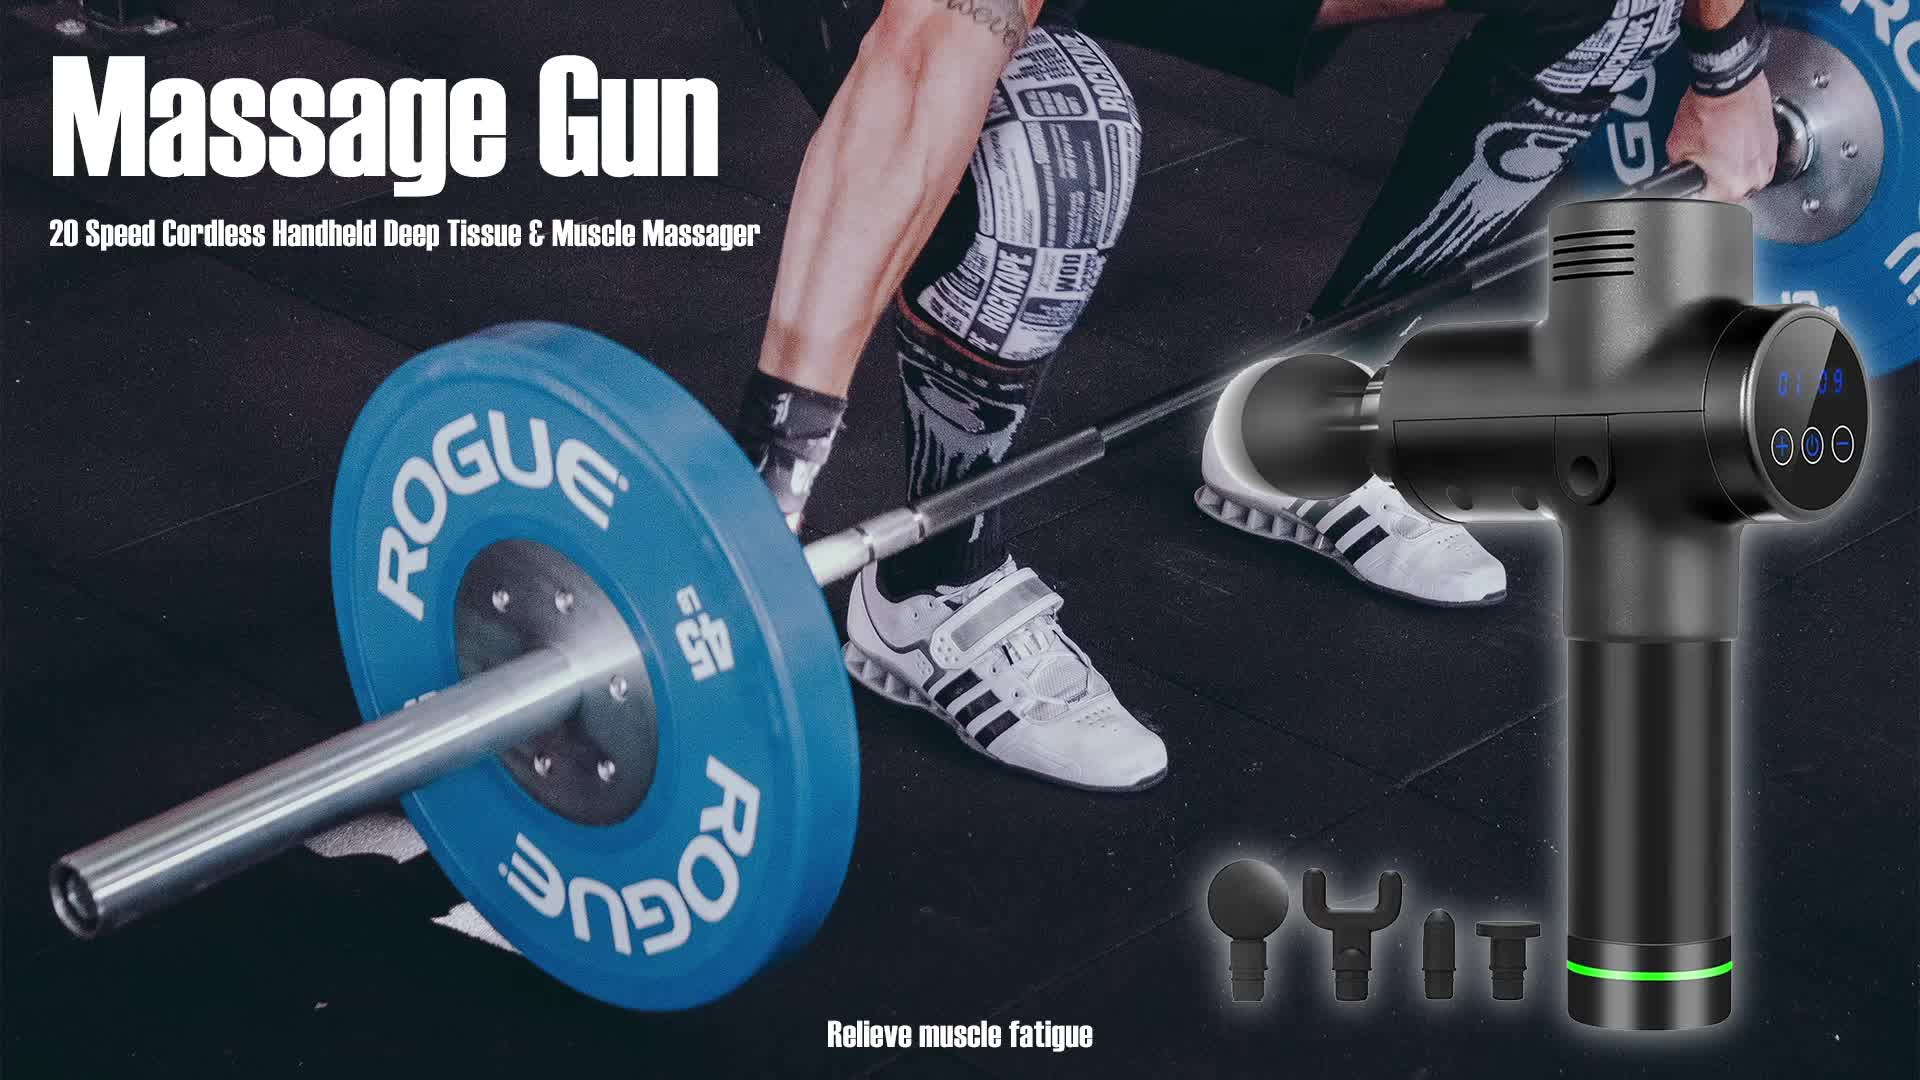 Elektrische Touch 20 Geschwindigkeit Tiefen Tissue Vibration Percussion Muscle Massage Gun